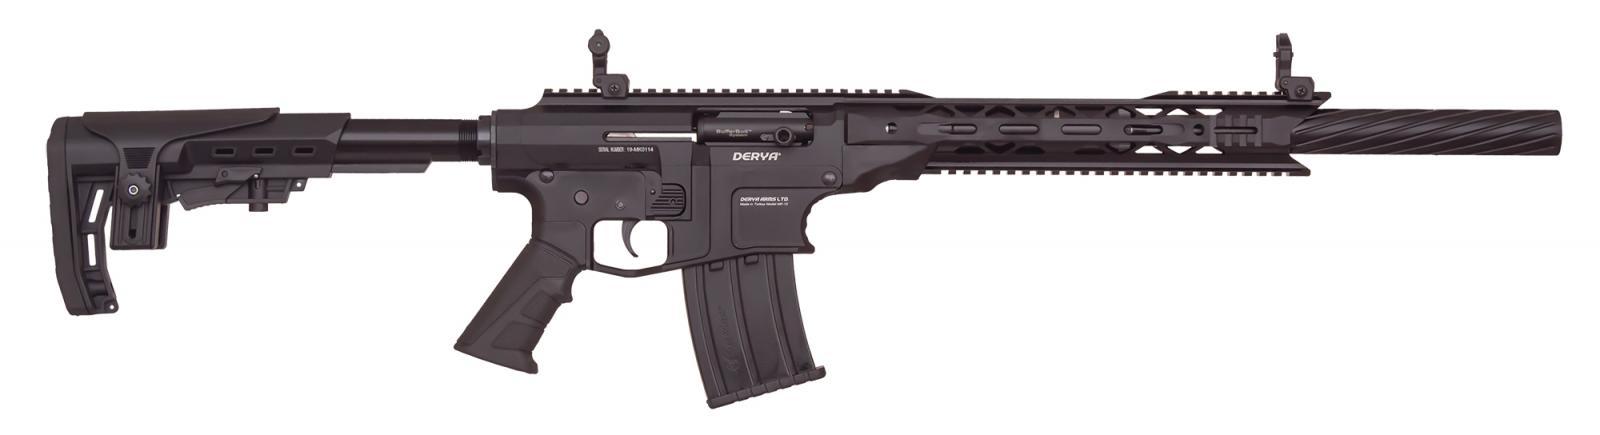 Fusil DERYA ARMS MK 12 Cal. 12/76 AS100S